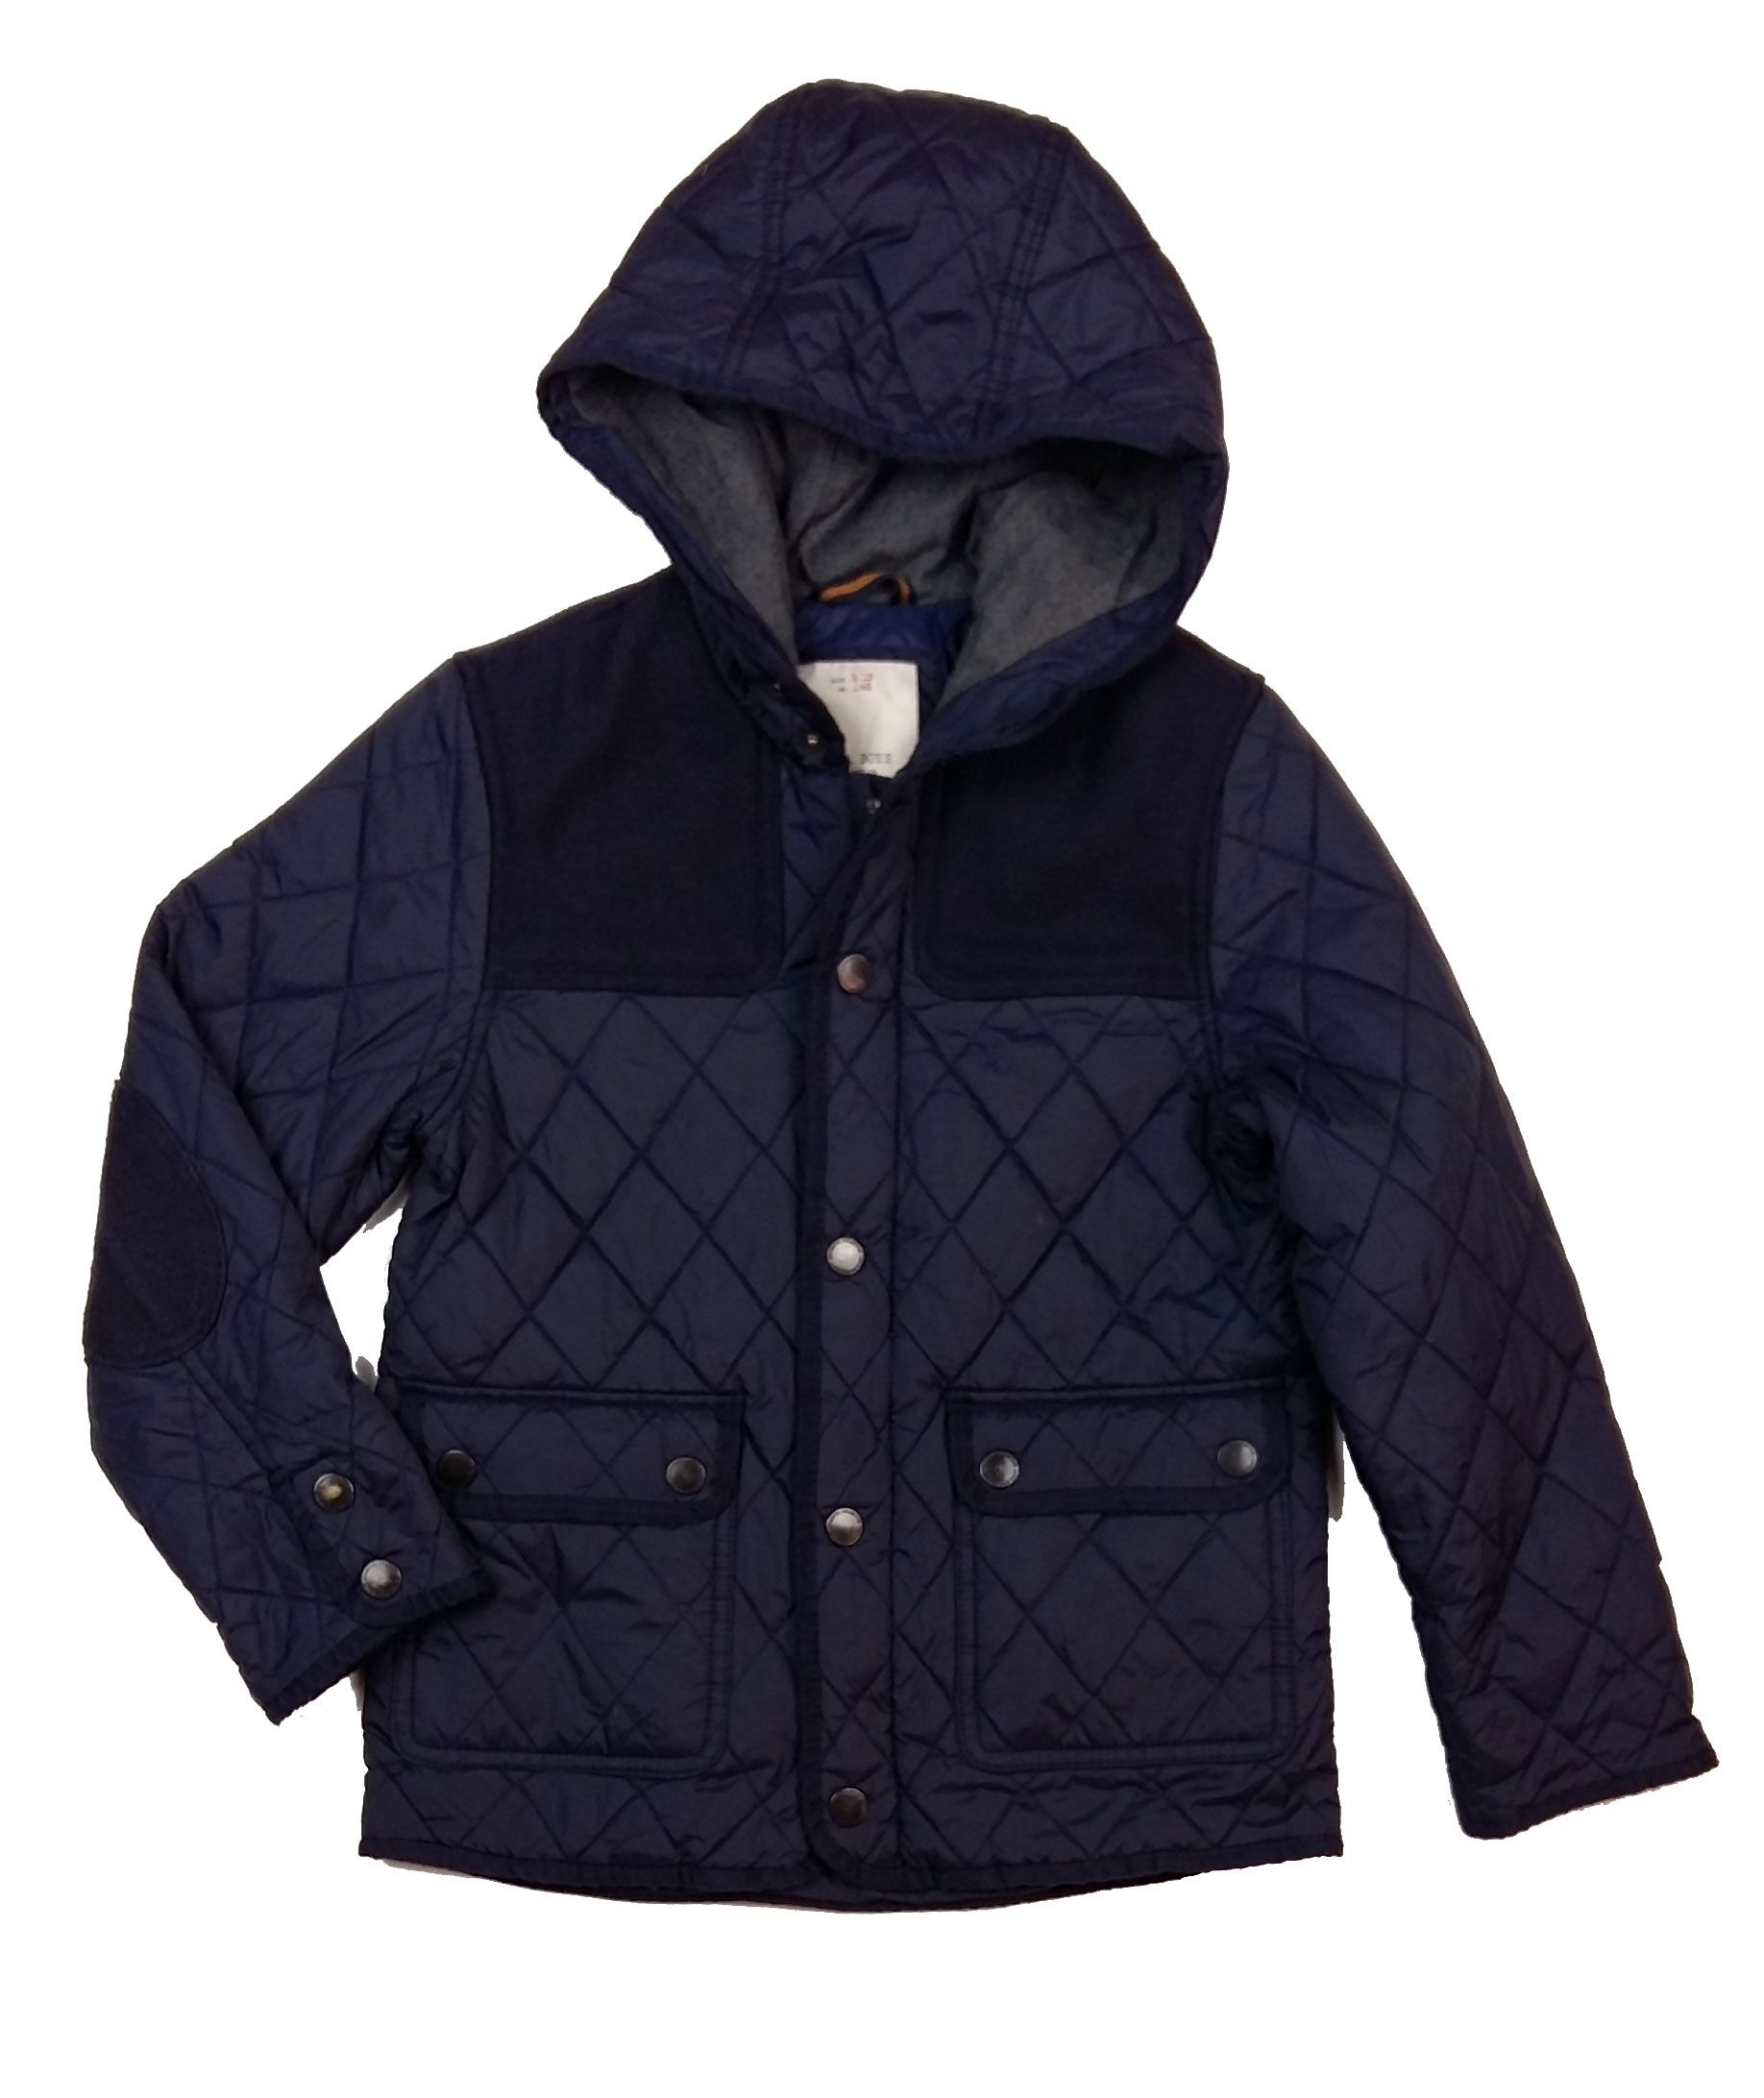 Sötétkék steppelt átmeneti kabát (140) - 140 és nagyobb (9 év és nagyobb) -  Minőségi angol használt és új gyerekruhák 5943d4ec2c